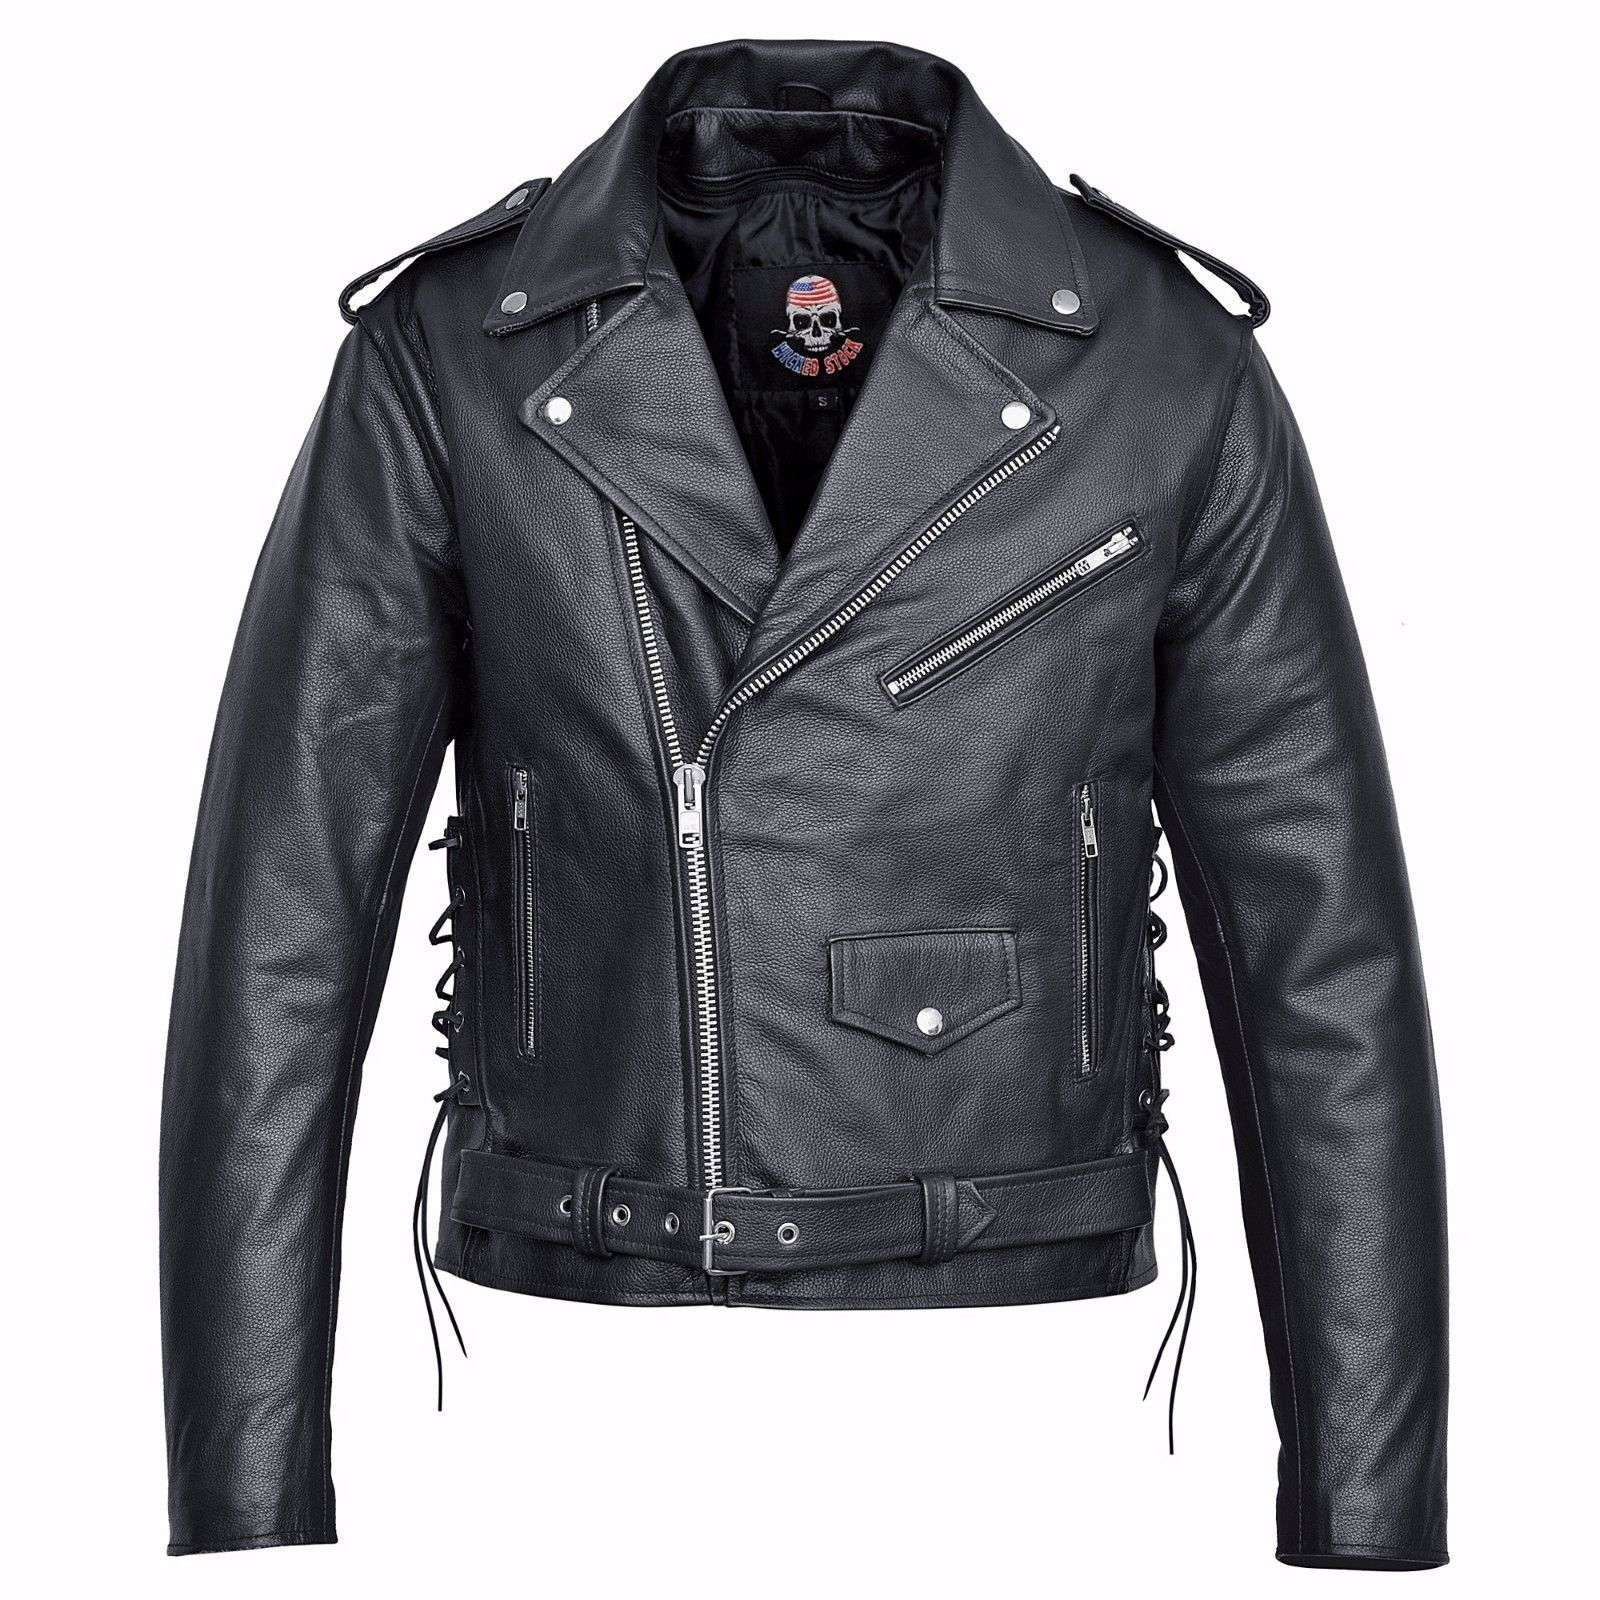 US-Eagle-Motorcycle-Leather-Jacket-Black